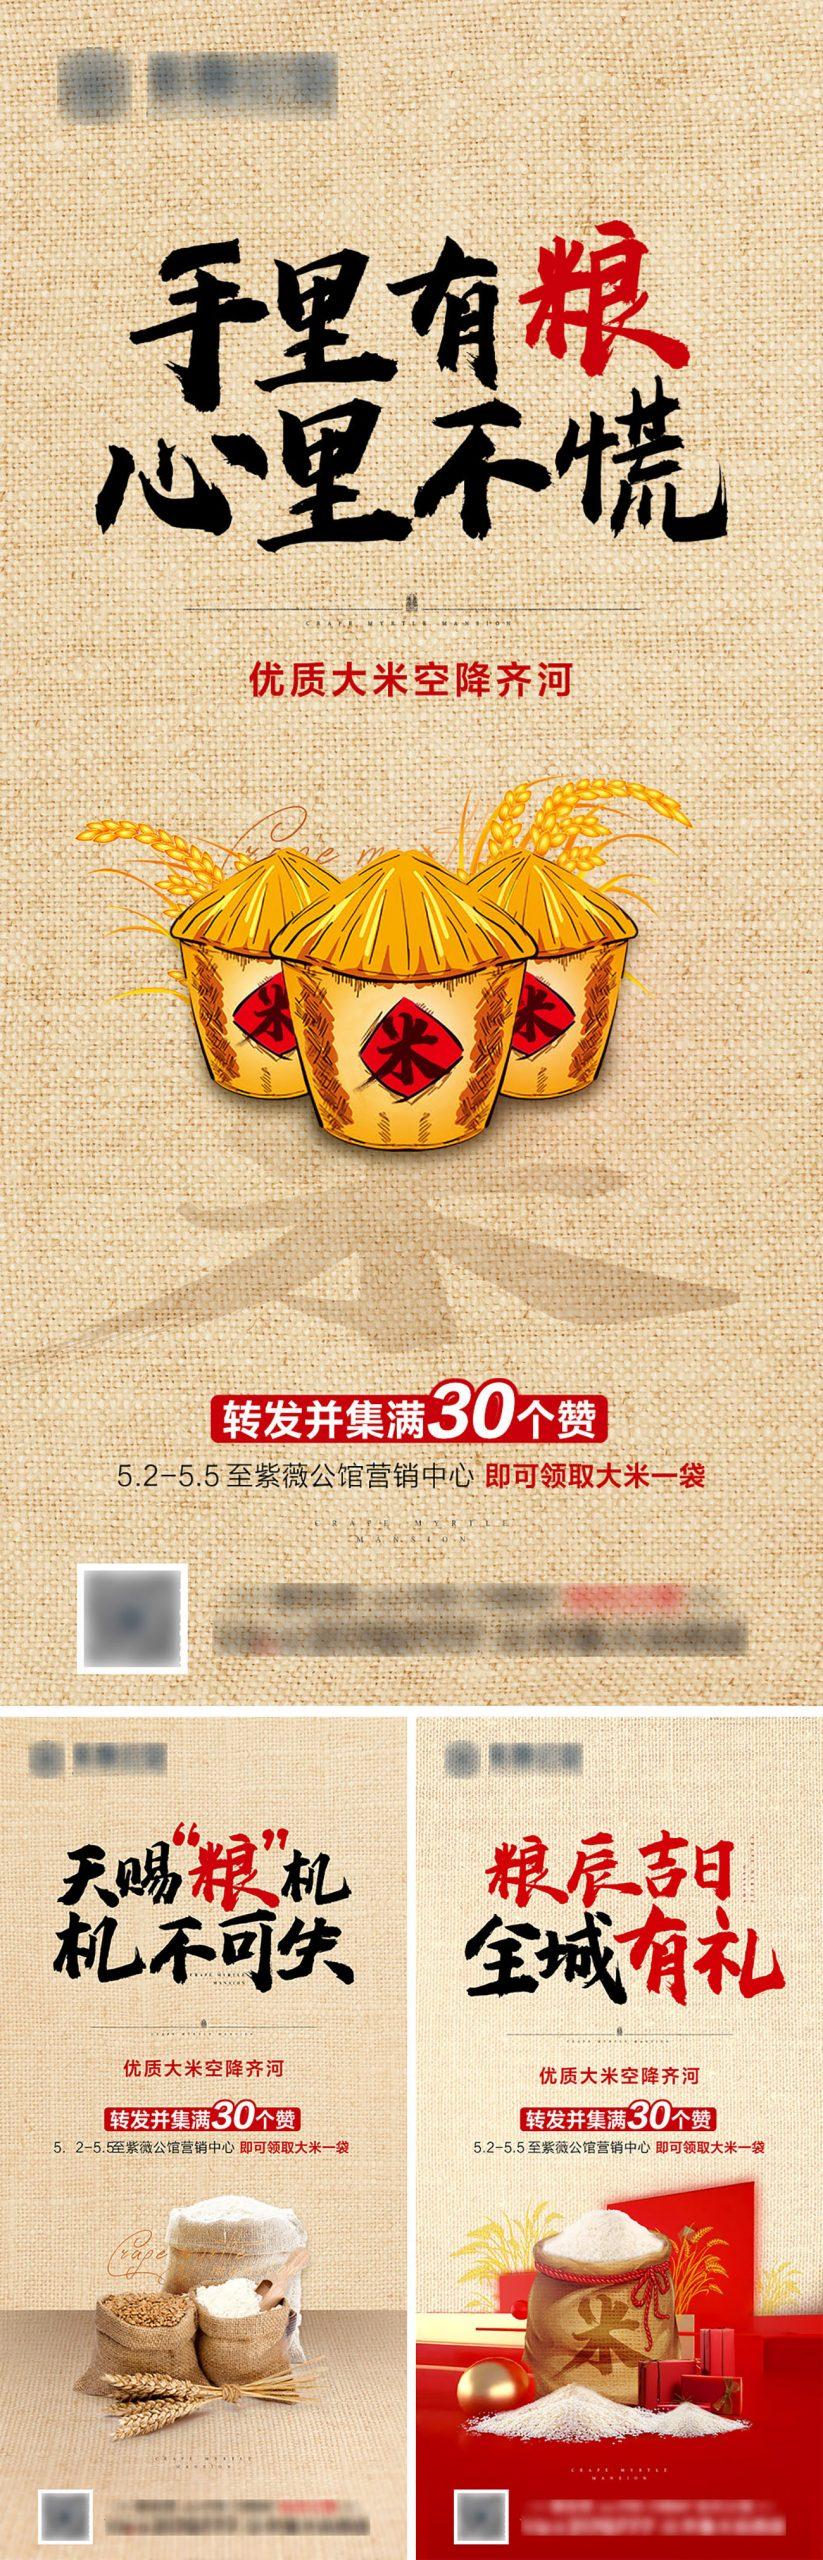 房地产送大米活动海报AI源文件插图